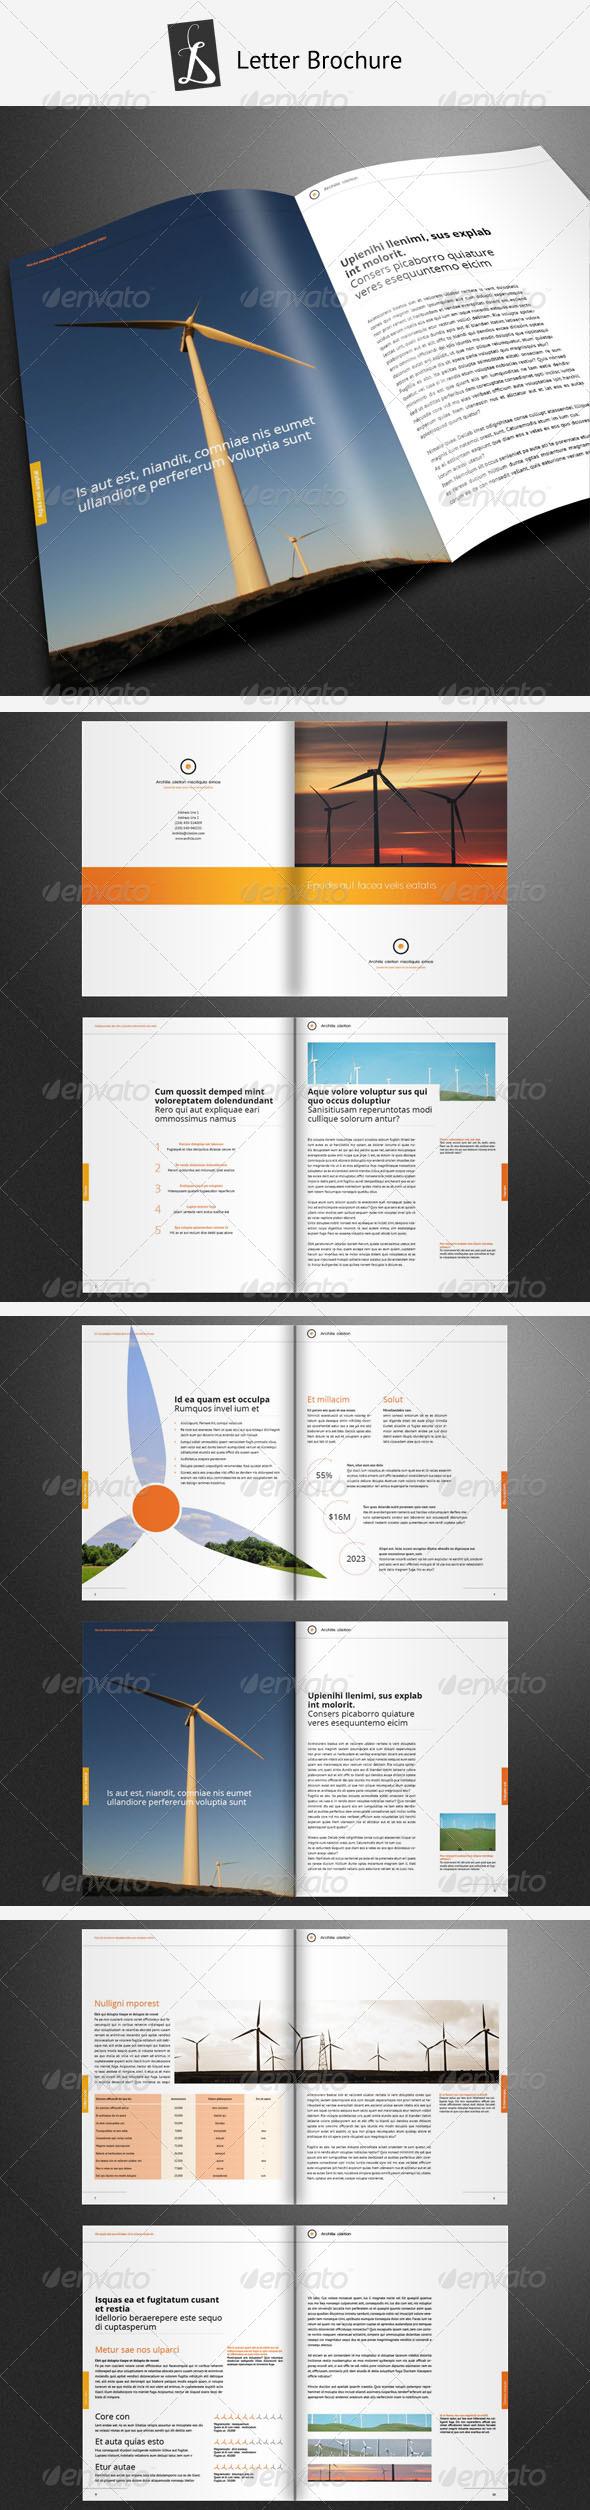 GraphicRiver Corporate Brochure 18 1574749